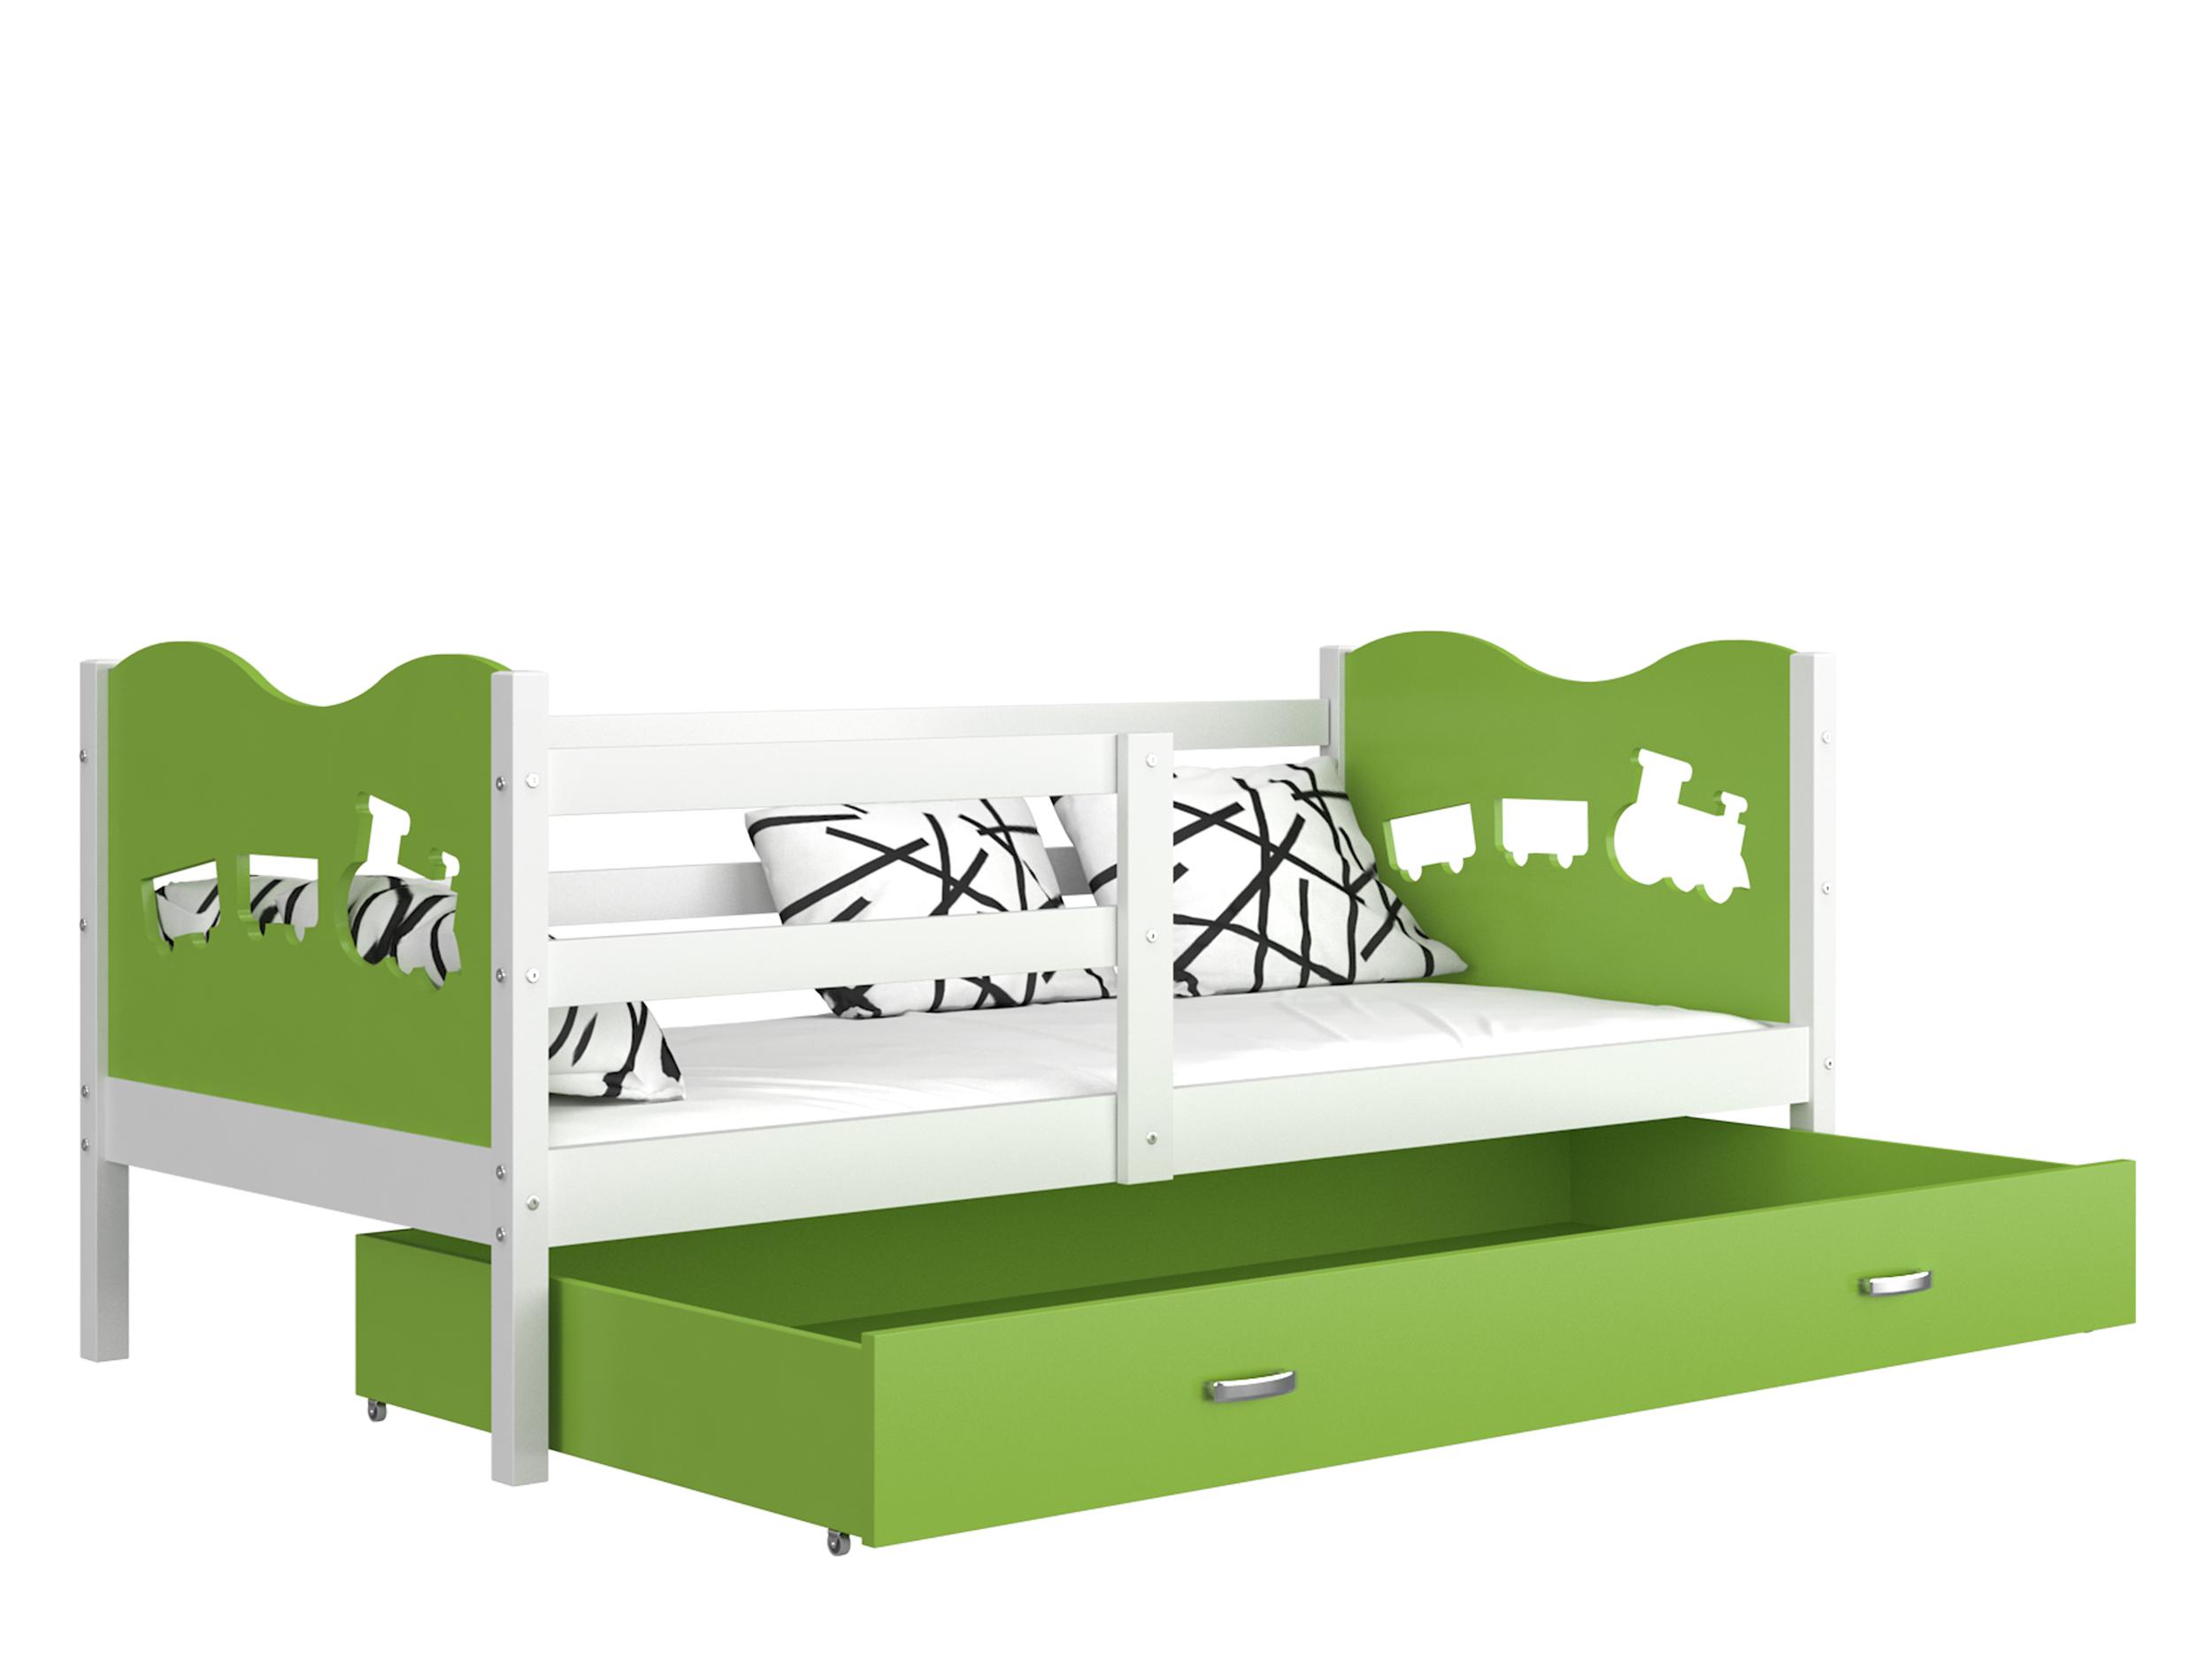 ArtAJ Detská posteľ MAX P / MDF 160 x 80 cm Farba: biela / zelená 160 x 80 cm, s matracom